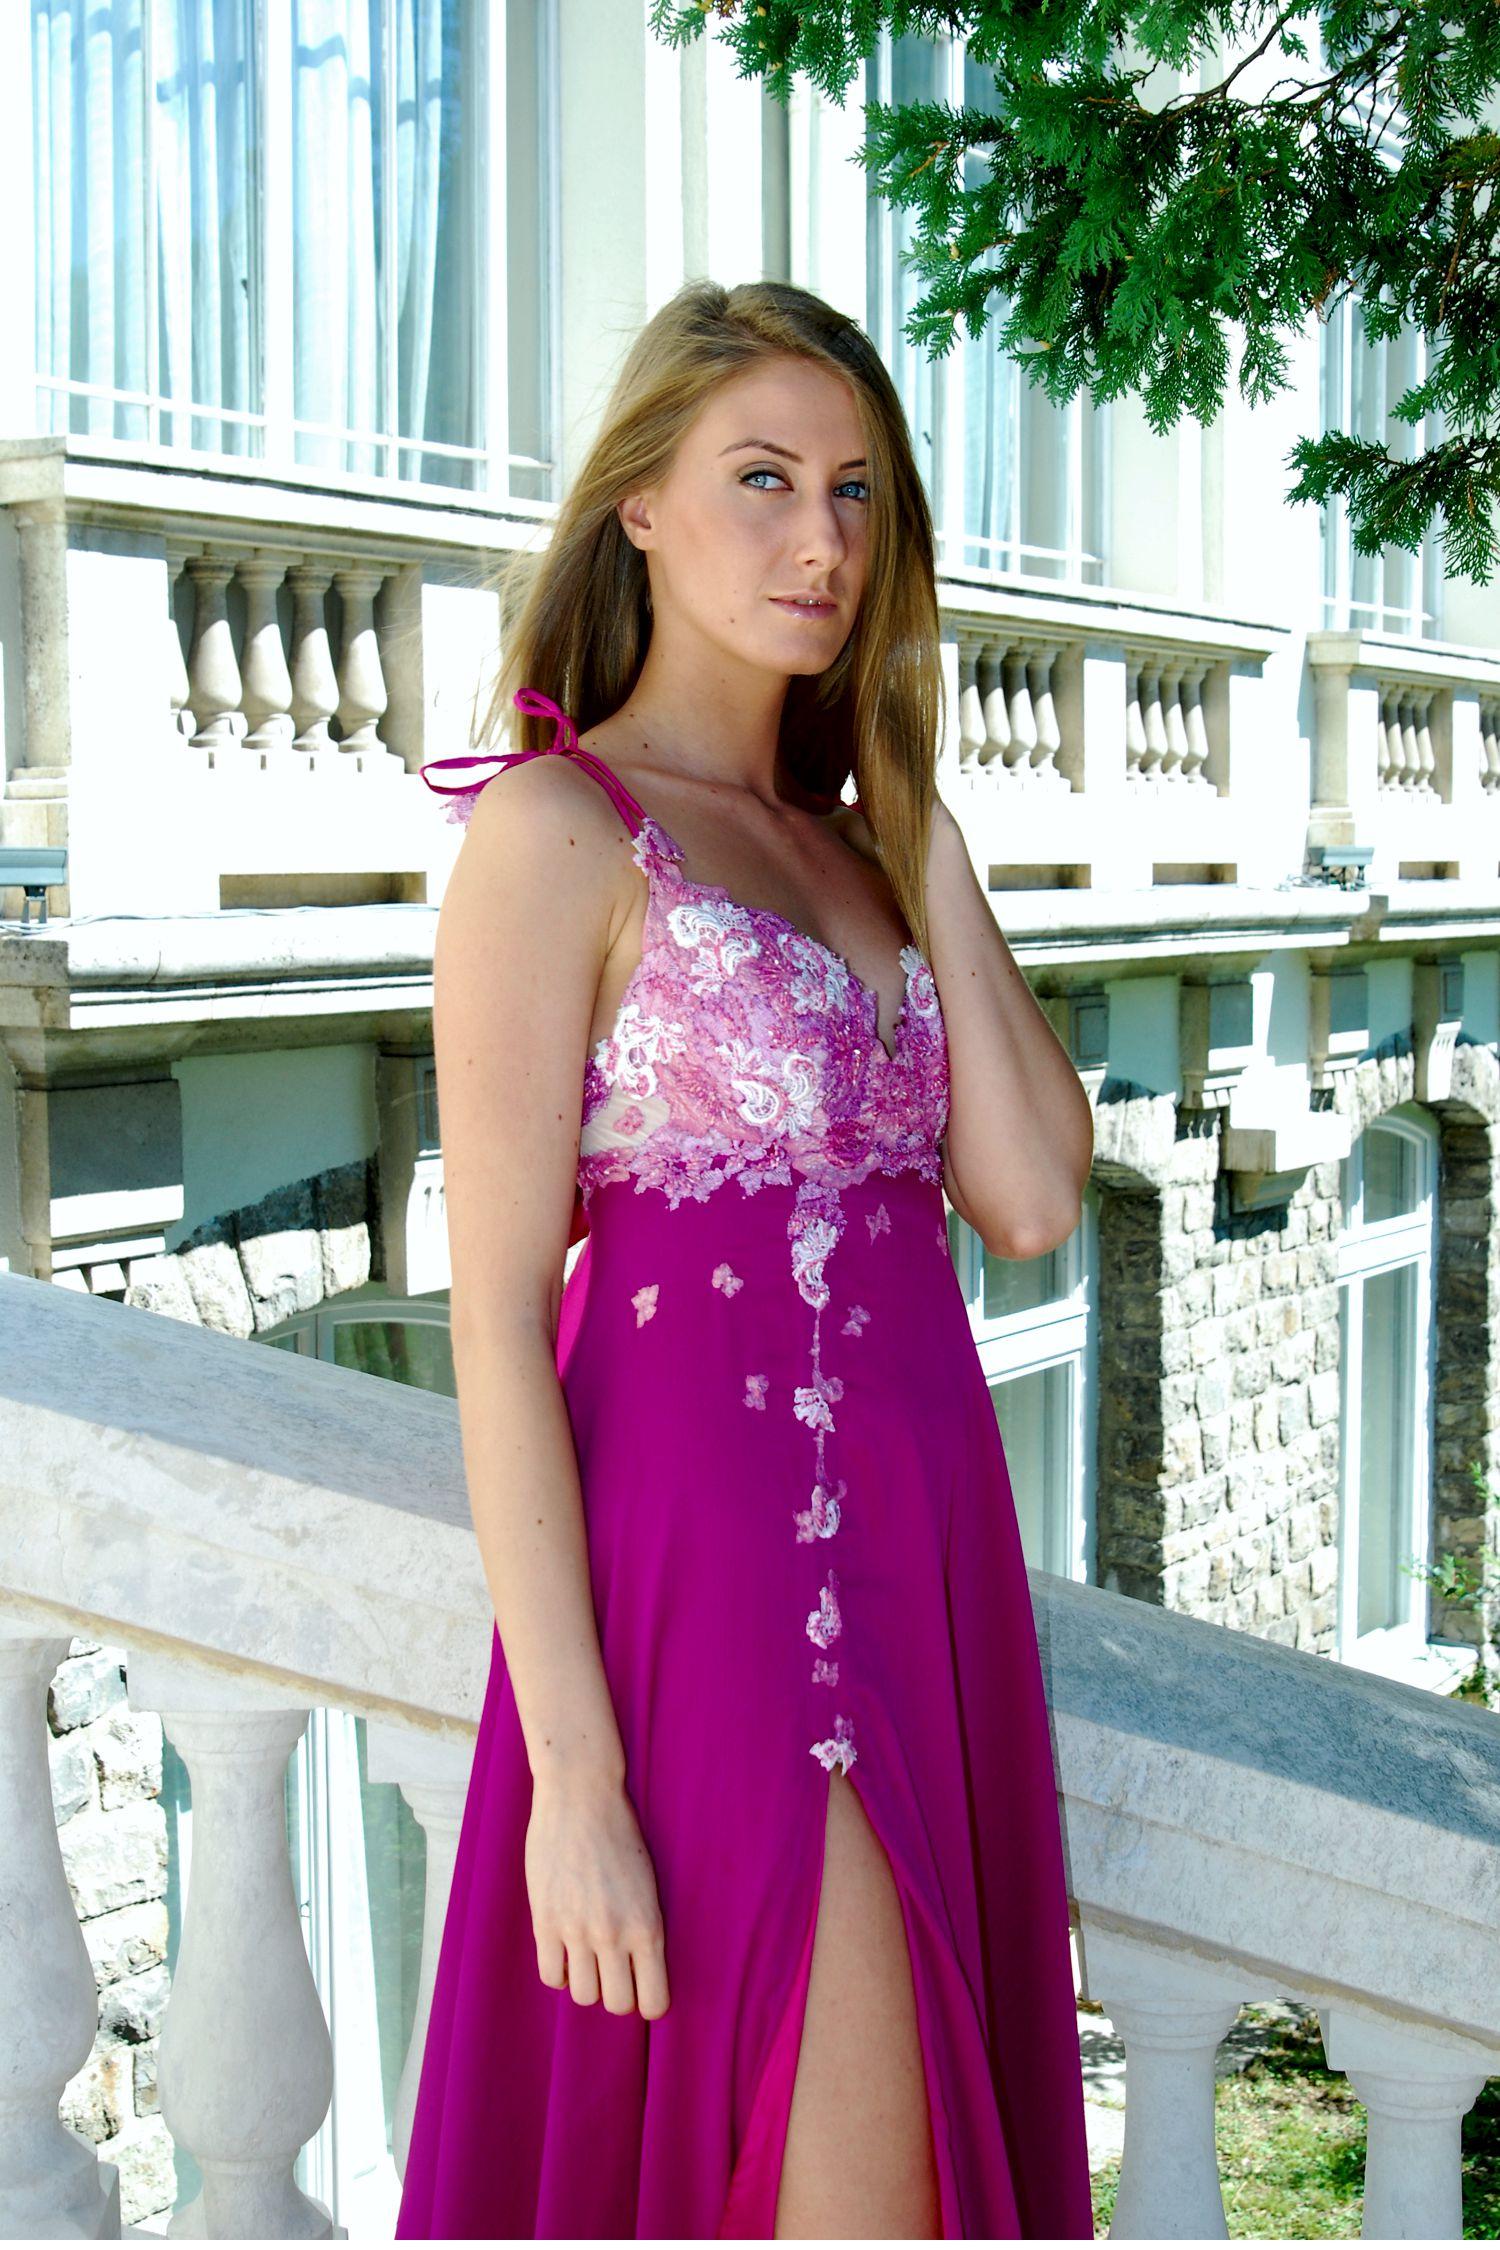 oana-savescu-simfonia-culorilor-27 (3)